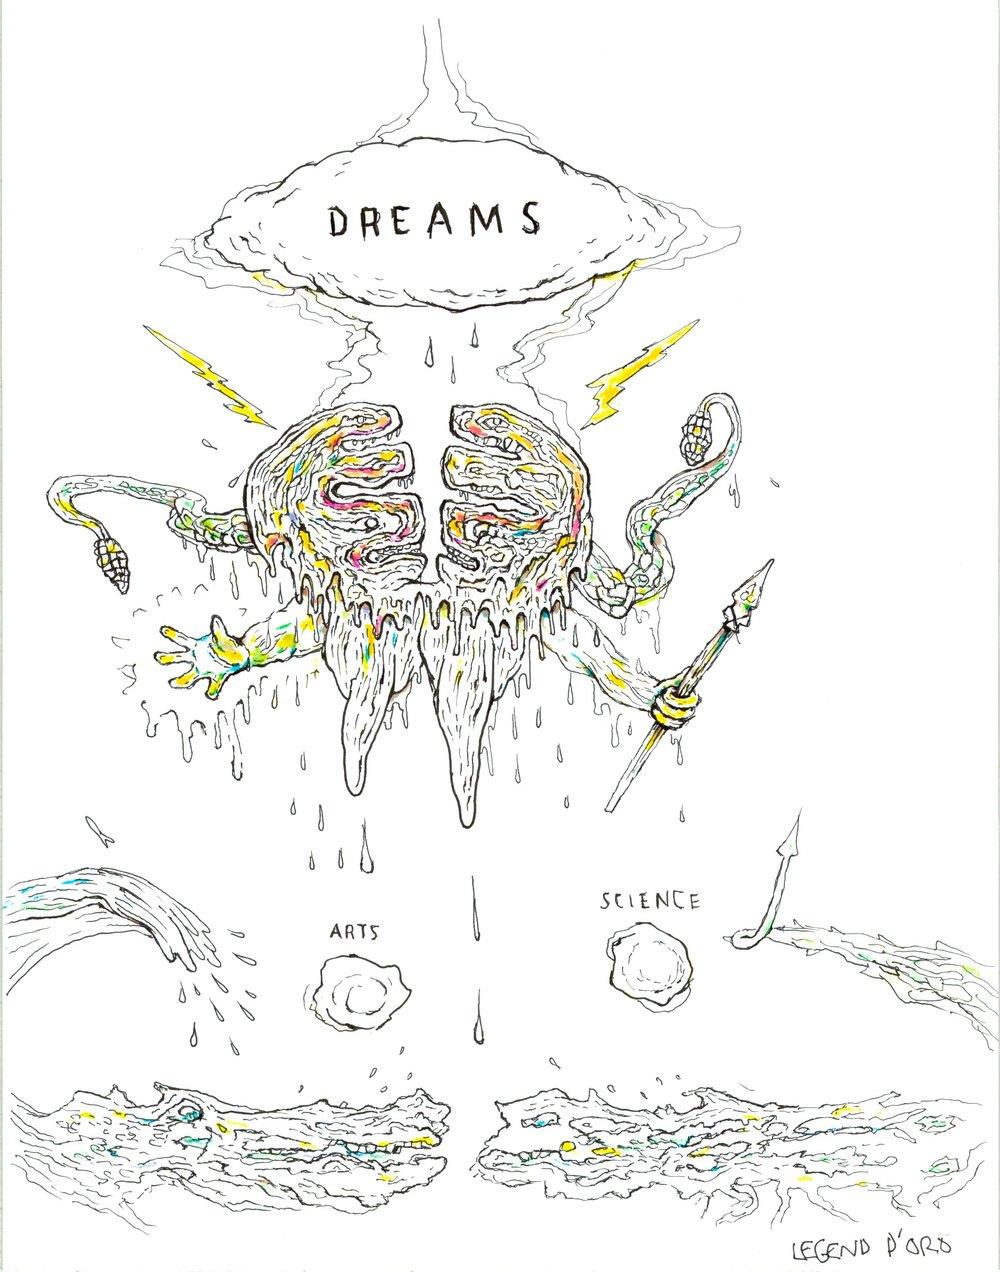 Dreams-11x14-Ink-on-Paper-$450-001.jpg